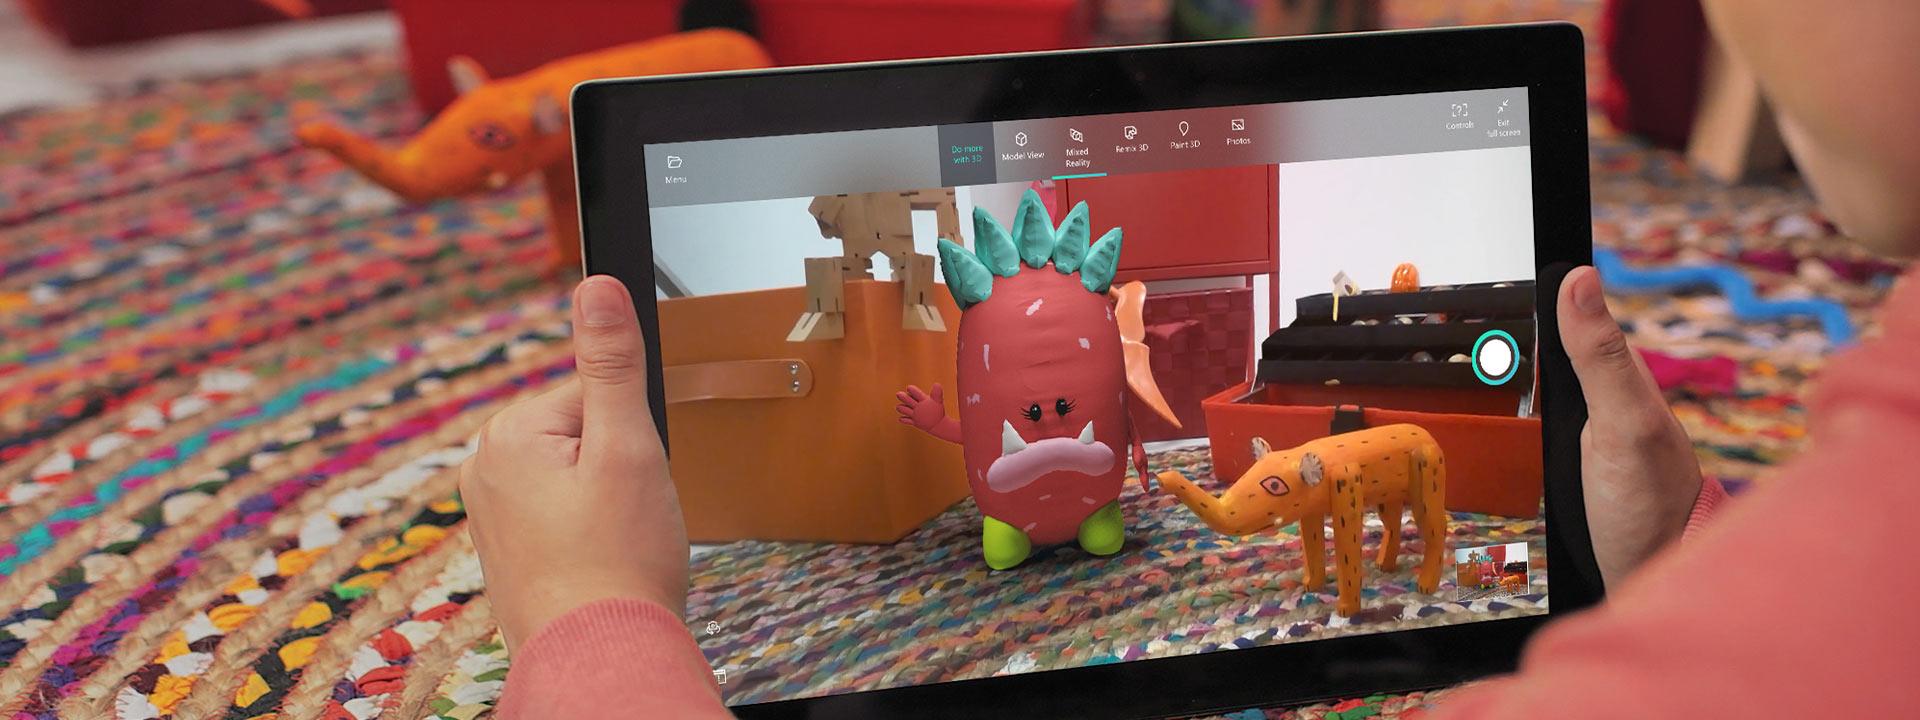 Tablet con una creación en 3D en Mixed reality Viewer